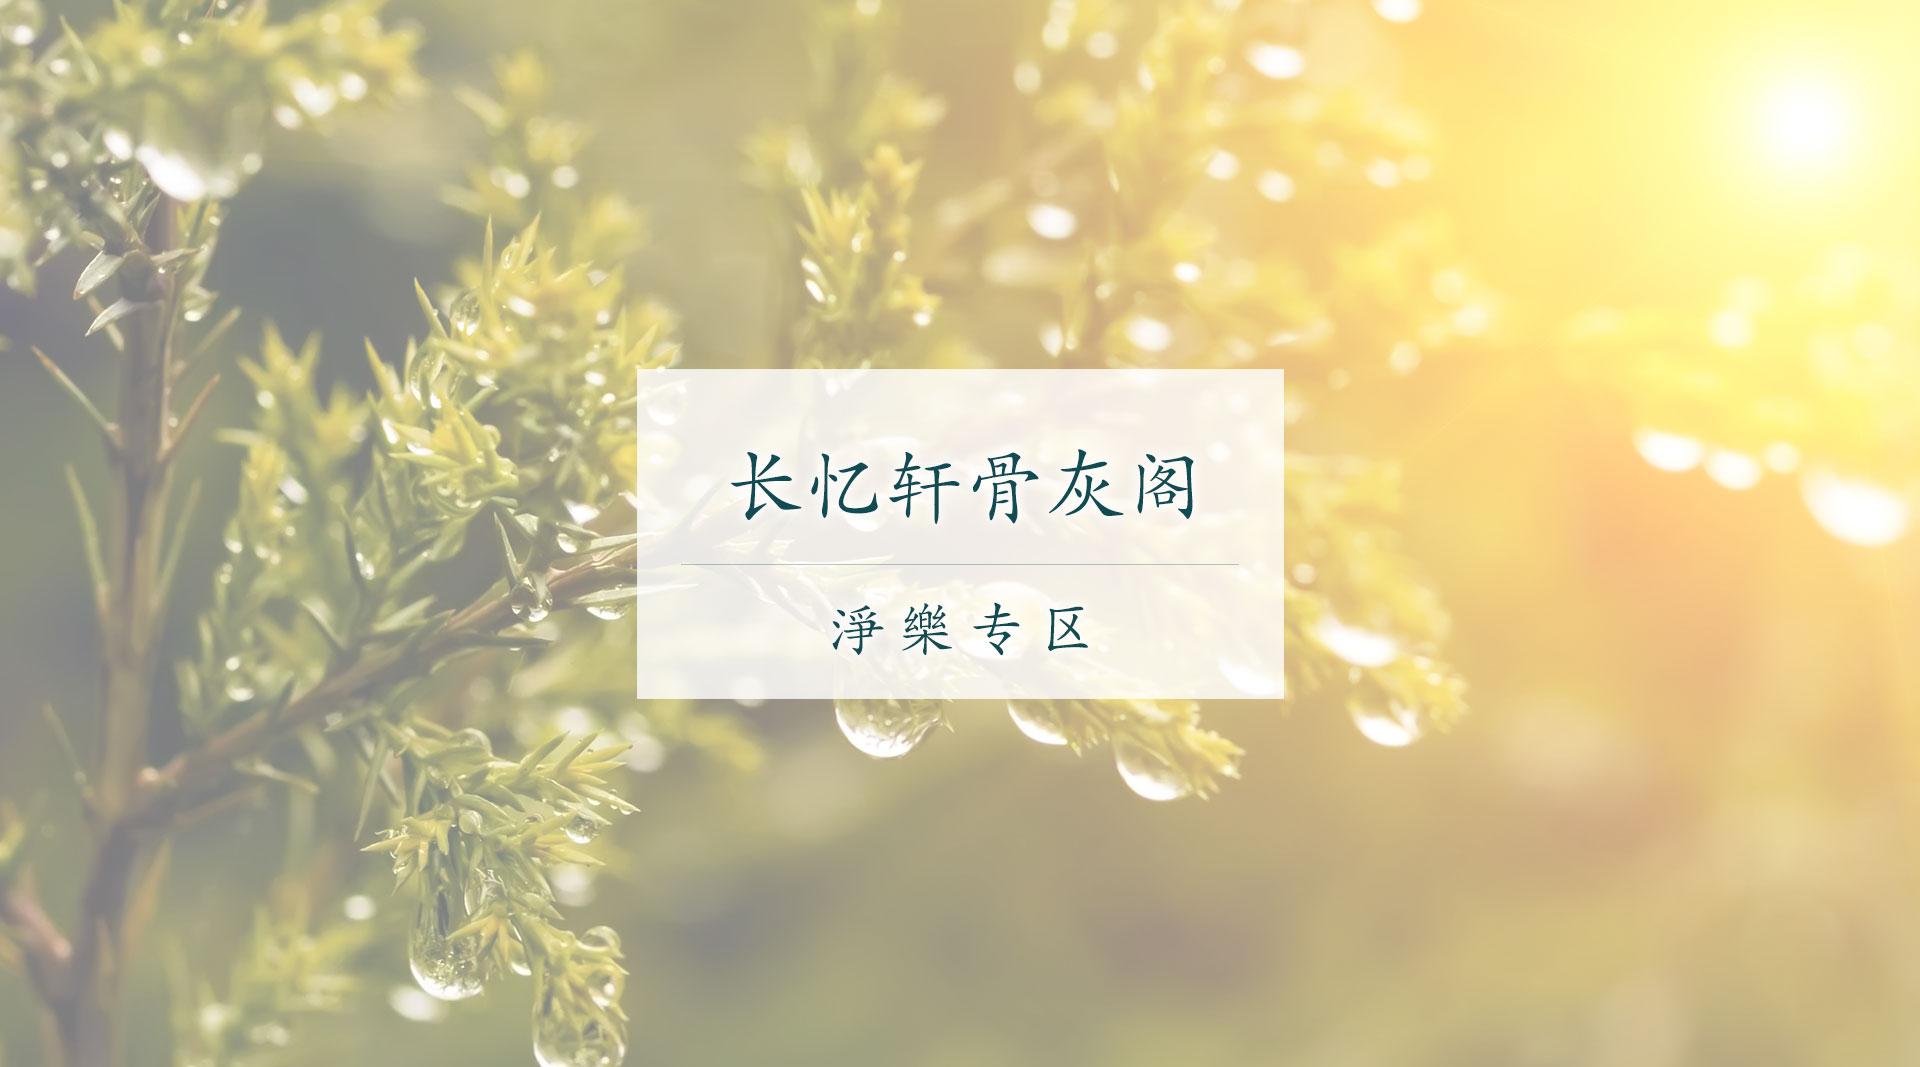 长忆轩骨灰阁-home-pic-1